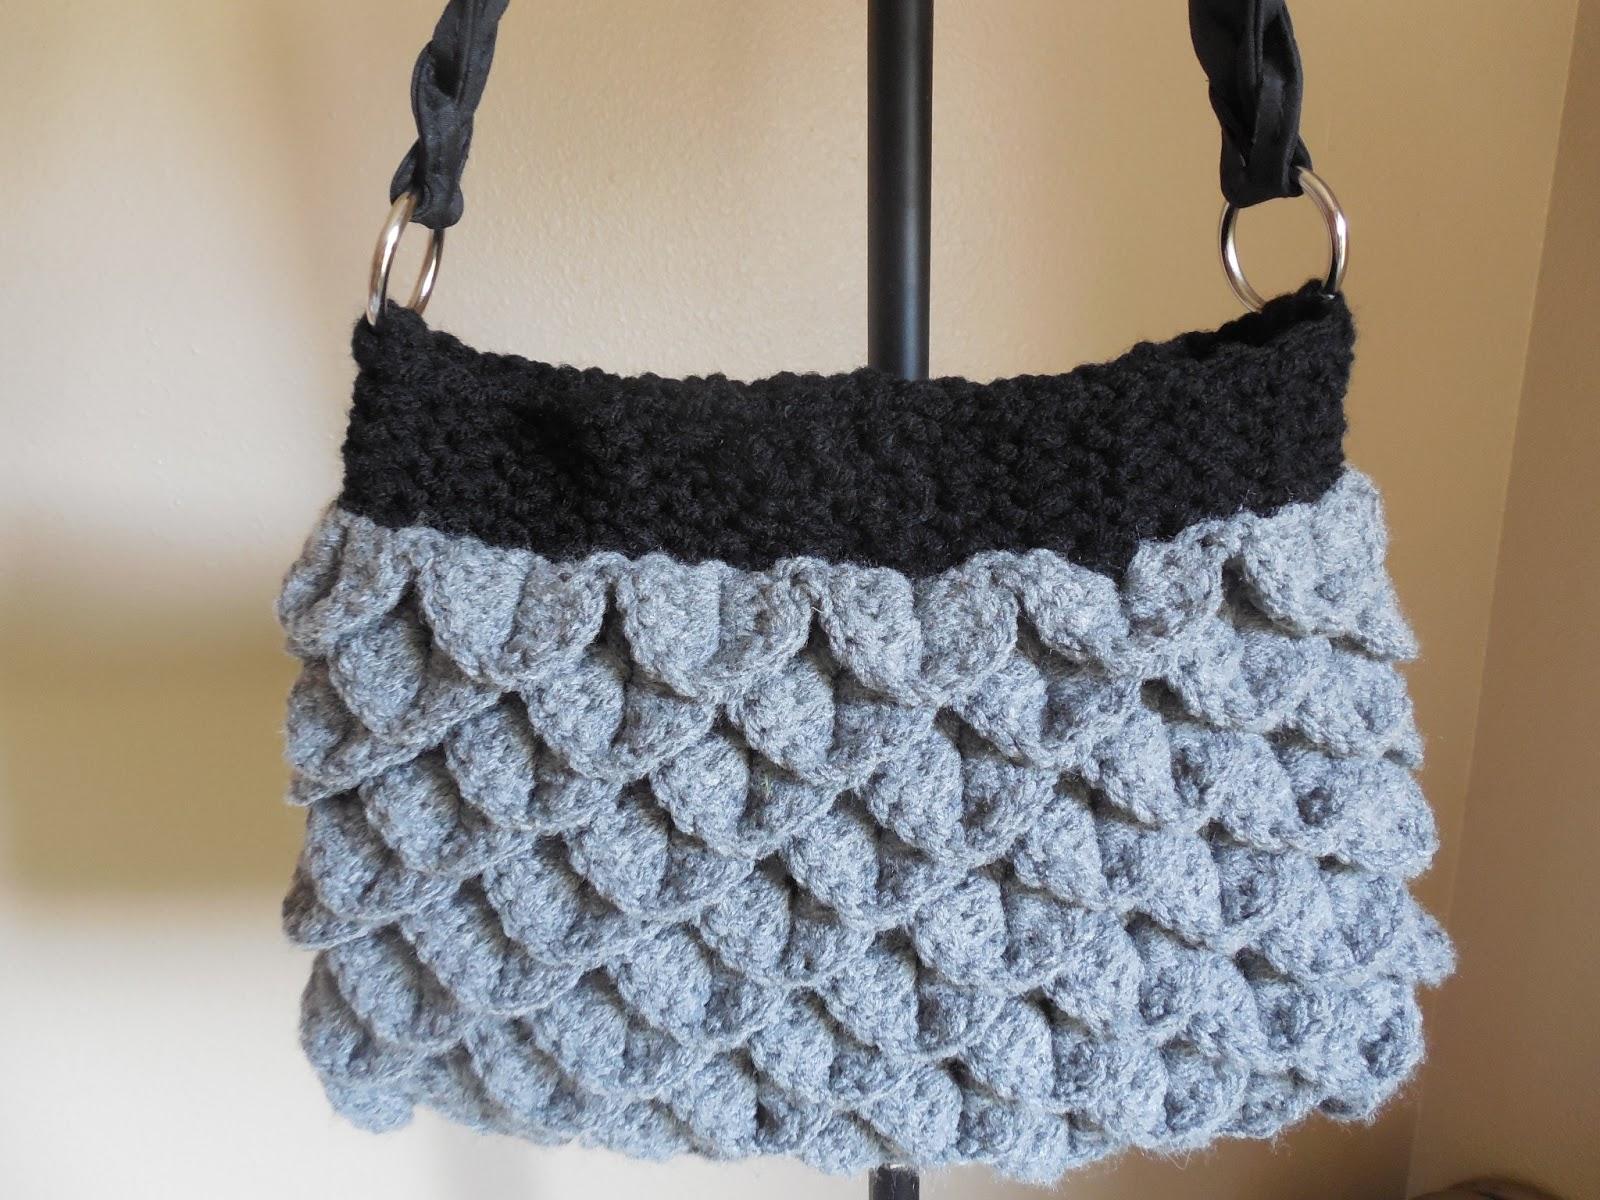 Free Crochet Pattern Crocodile Stitch Bag : Hooked On Handmade: Crocodile Stitch Purse